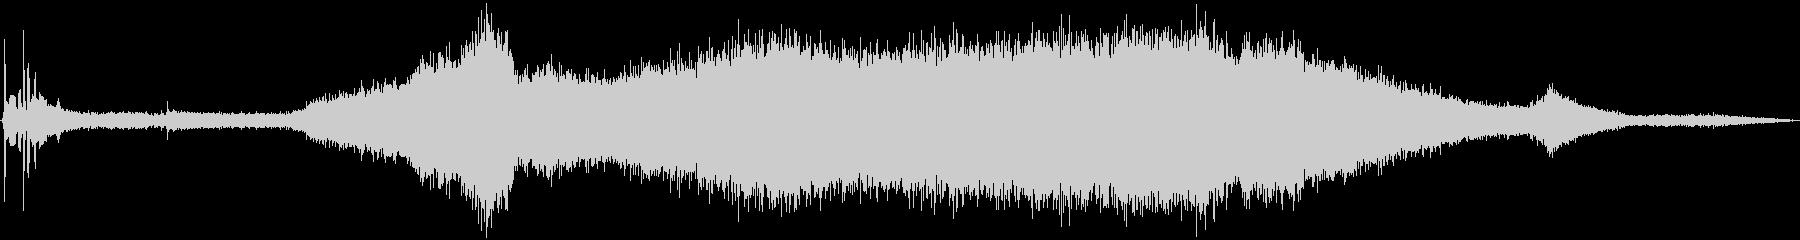 シボレーカマロ:内線:開始、アイド...の未再生の波形